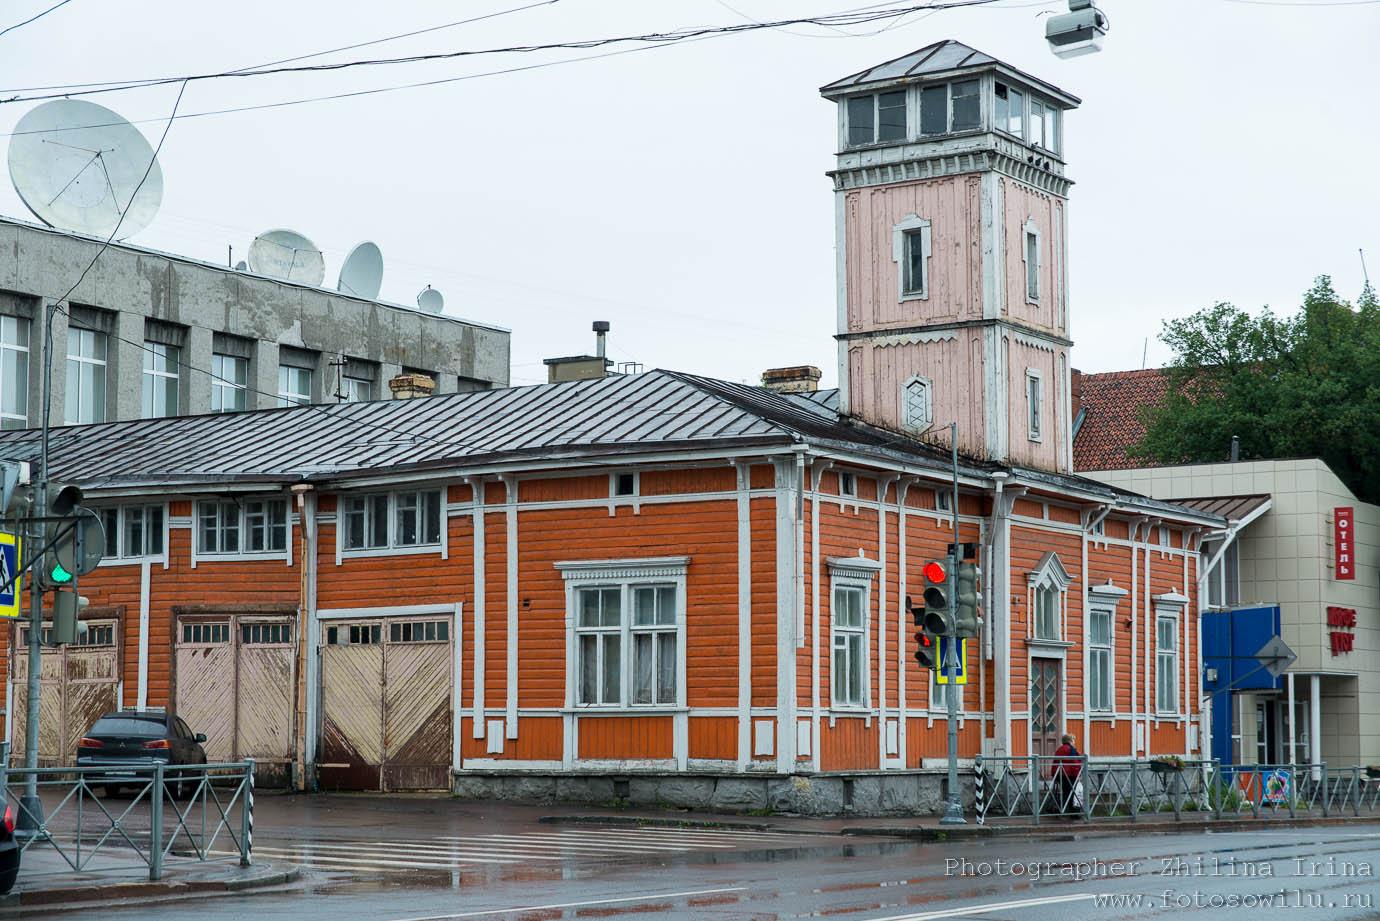 Сортавала, туризм в России, чьто смотреть в России, куда поехать в России, туры по России